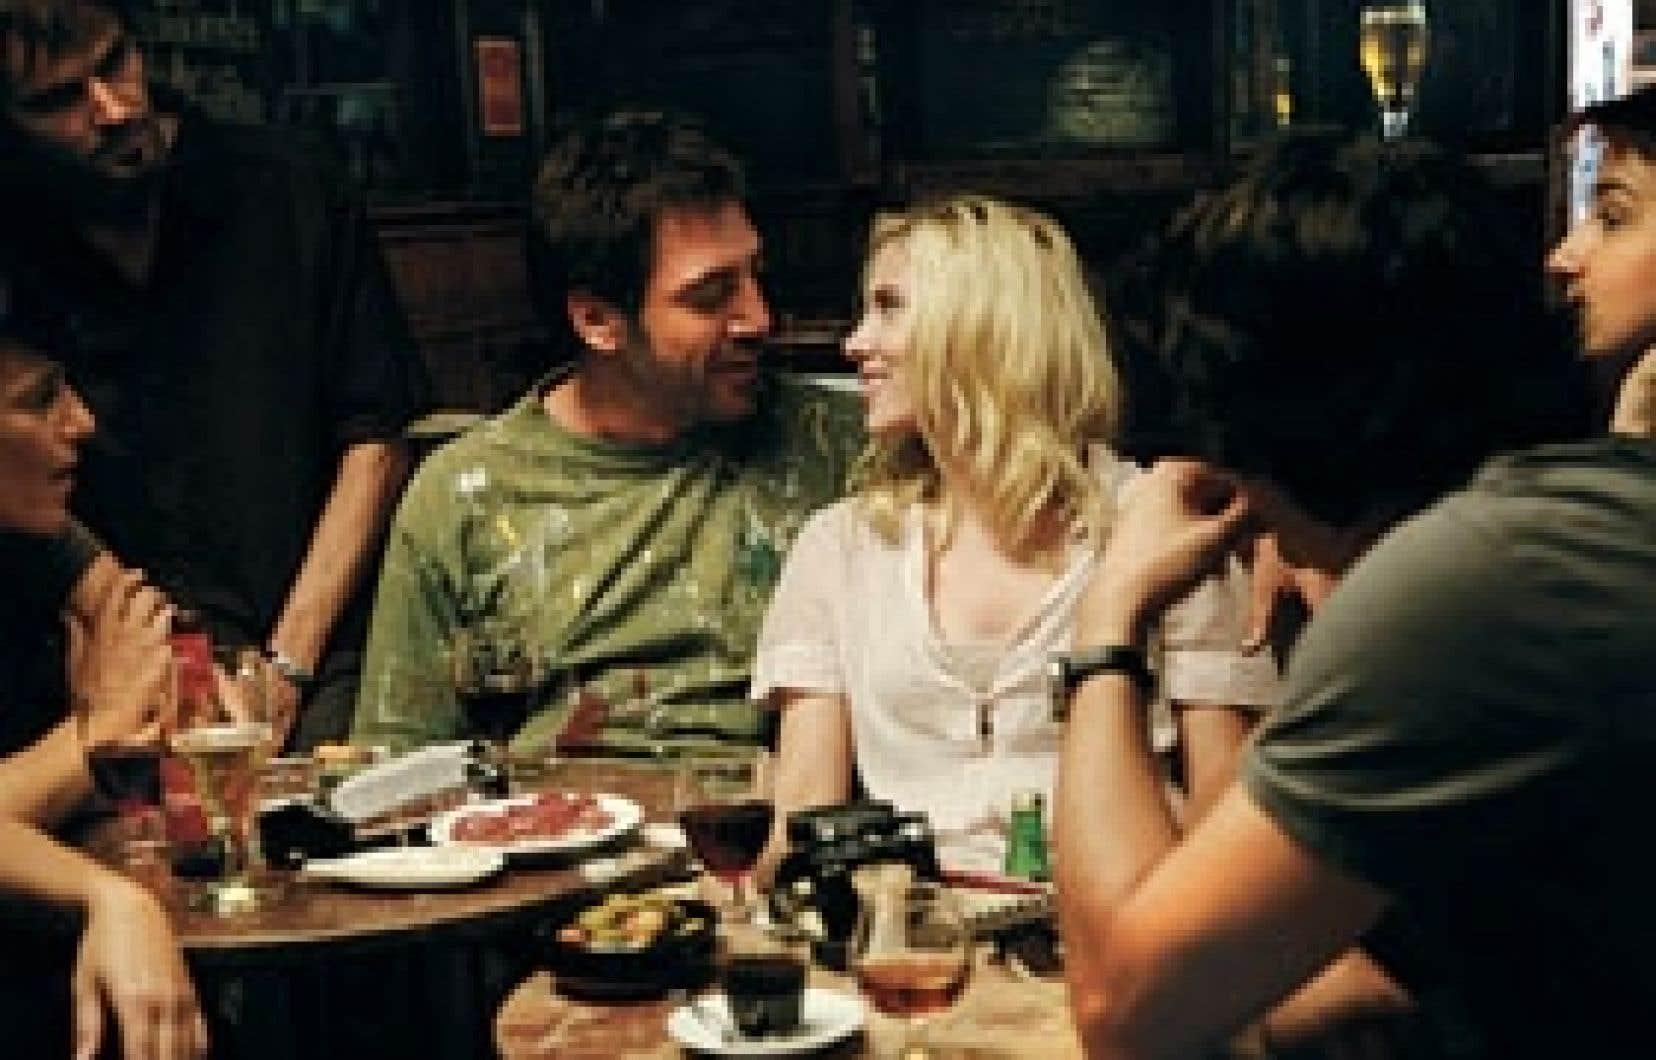 Craquant comme le péché, le peintre Juan Antonio (Javier Bardem) séduit Cristina, la jolie touriste américaine de passage (Scarlett Johansson), entre tapas et copas, dans le film Vicky Cristina Barcelona.